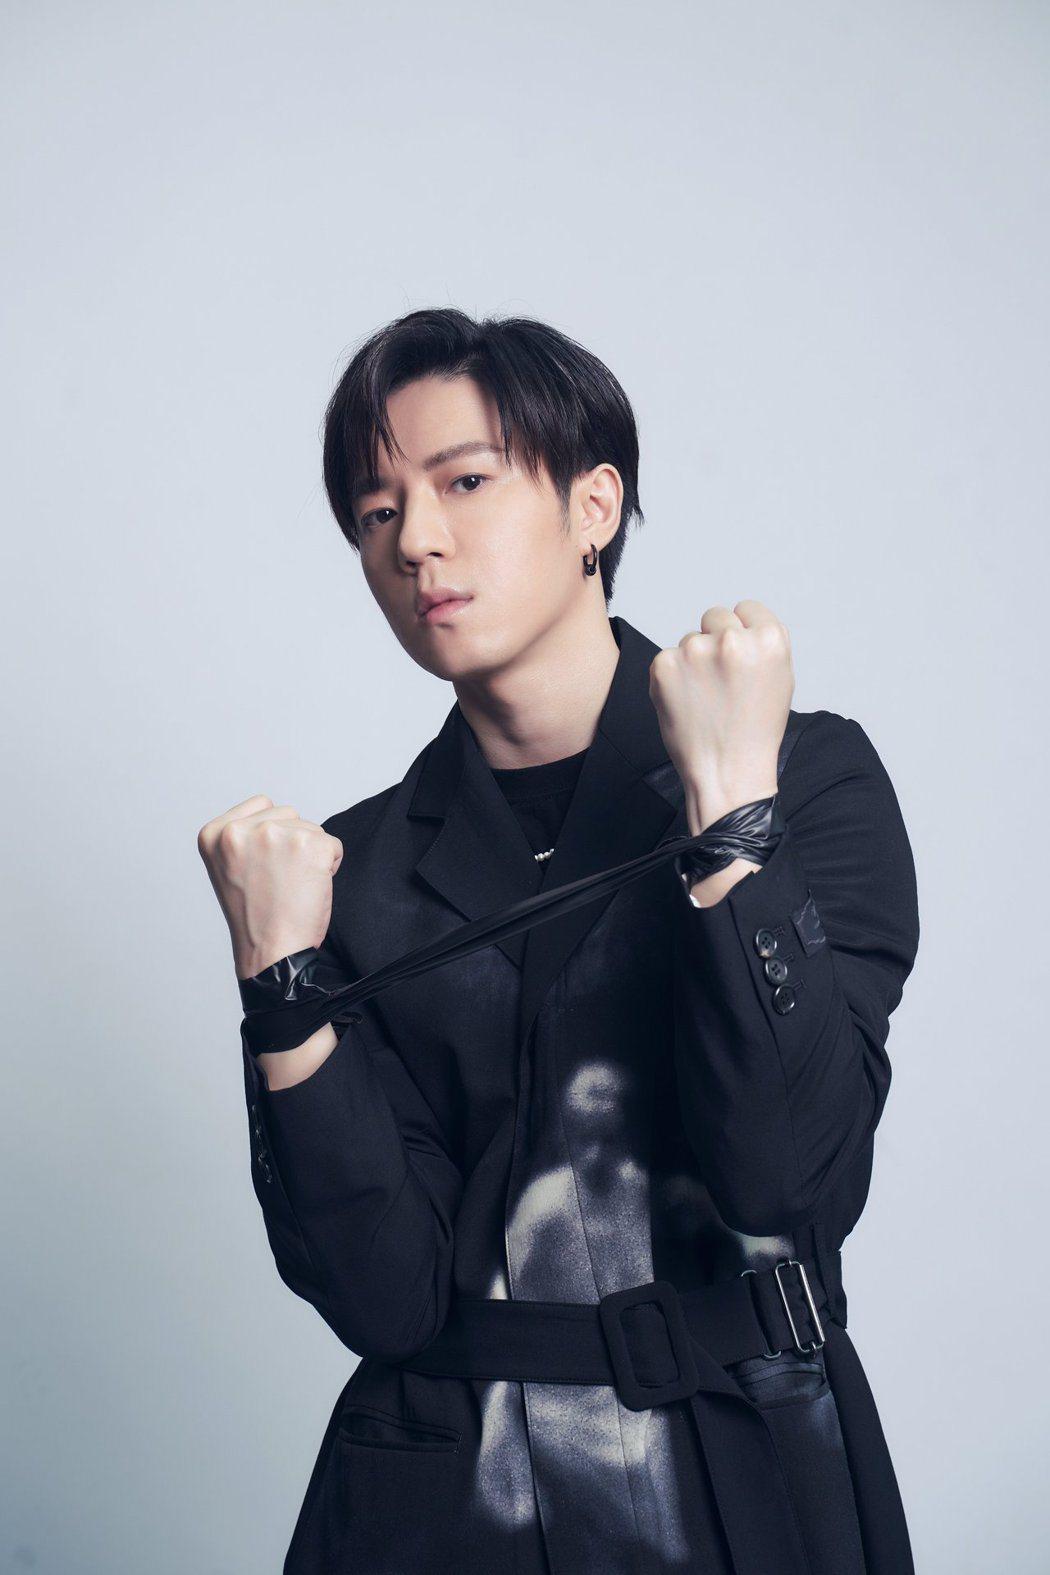 蔣卓嘉推出全新單曲新歌「Miss逃脫」。圖/索尼音樂提供